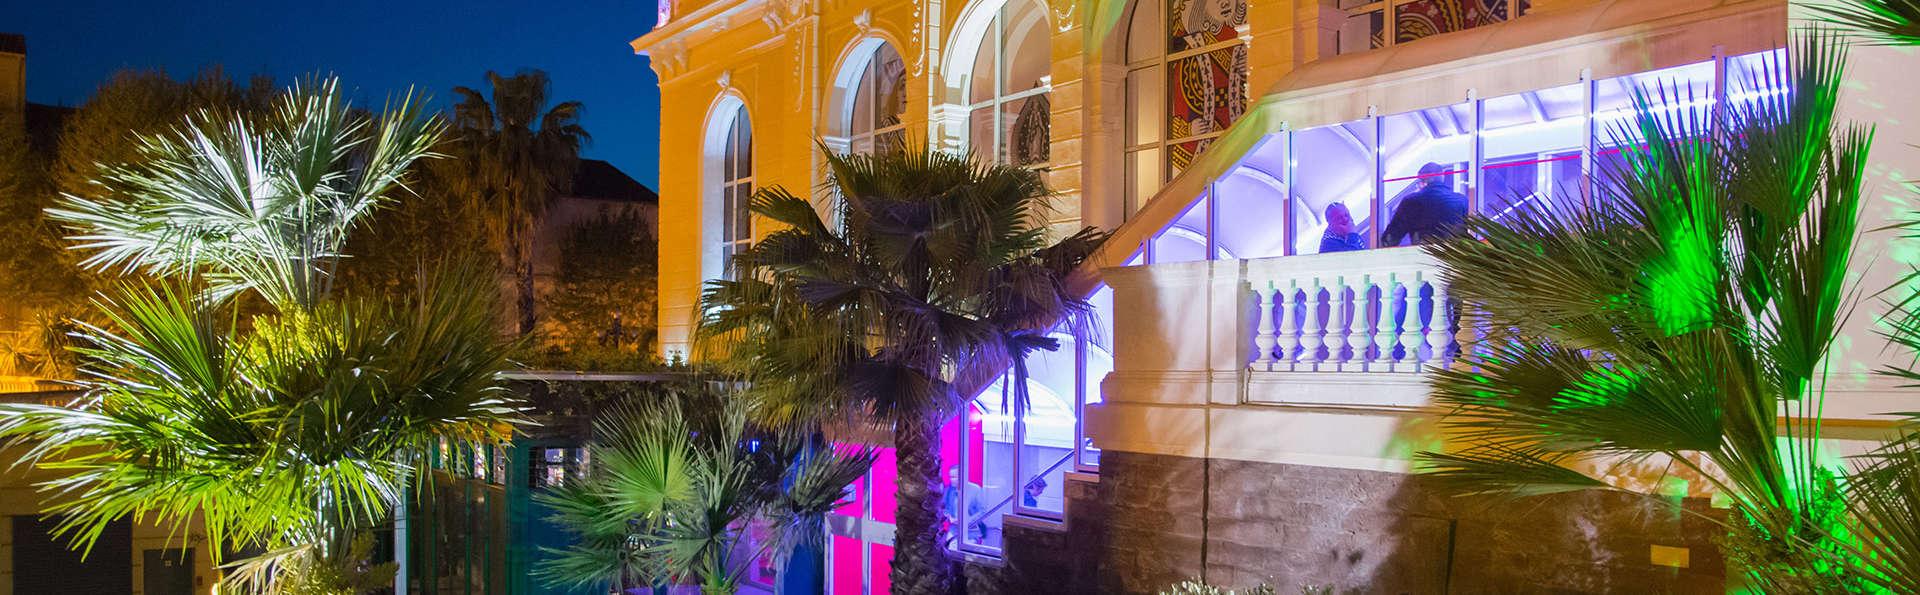 Casino Hôtel des Palmiers - EDIT_frontgarden.jpg